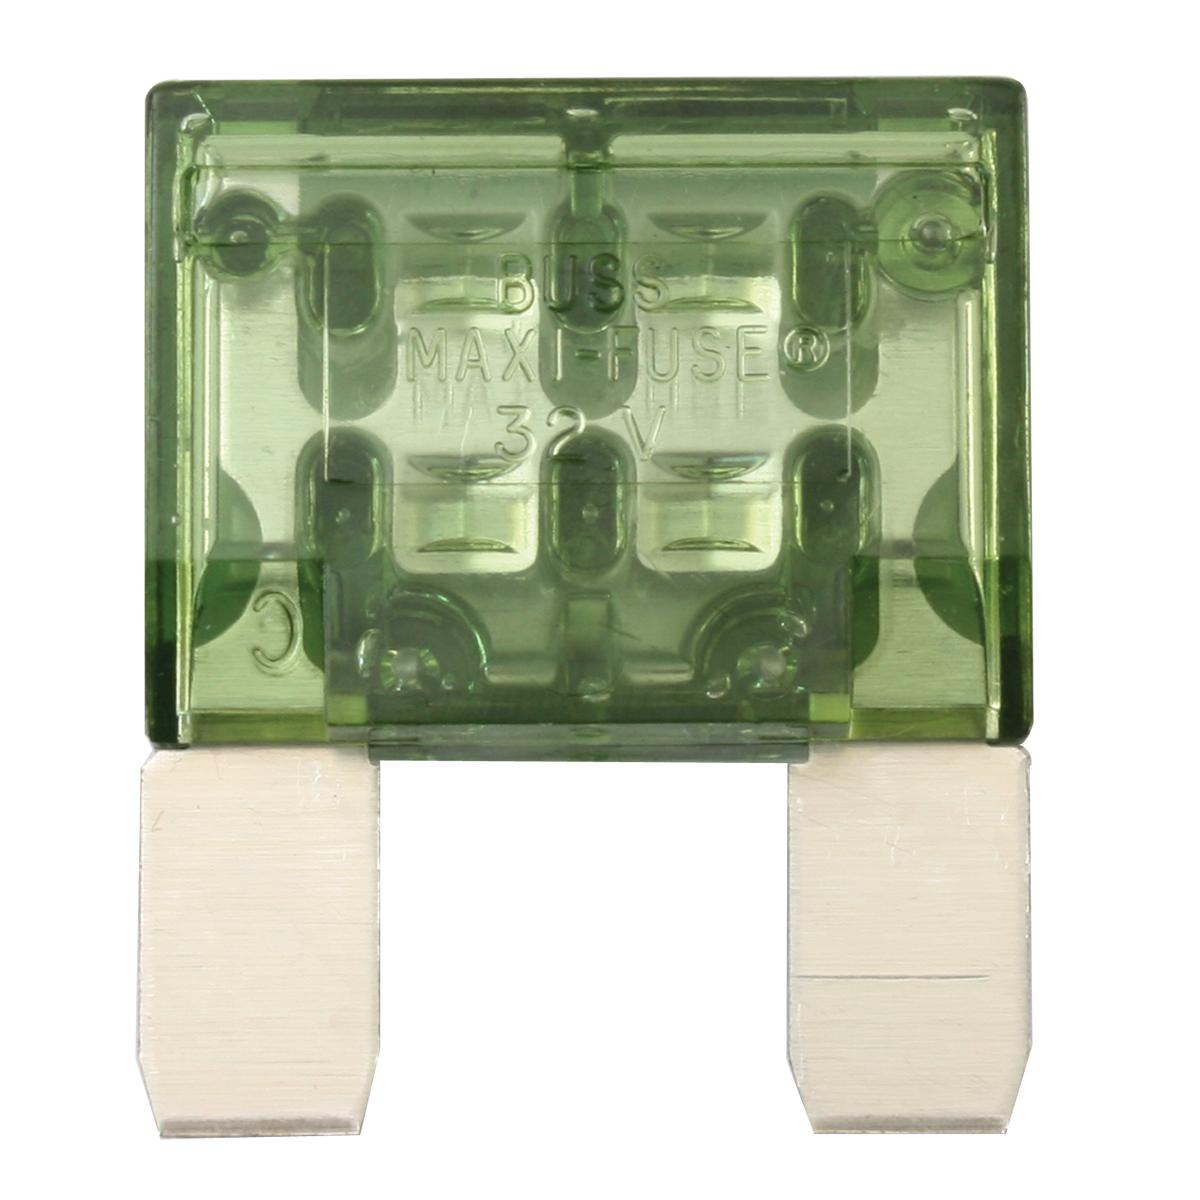 62930 Maxi ATM Fuse in 30 AMP